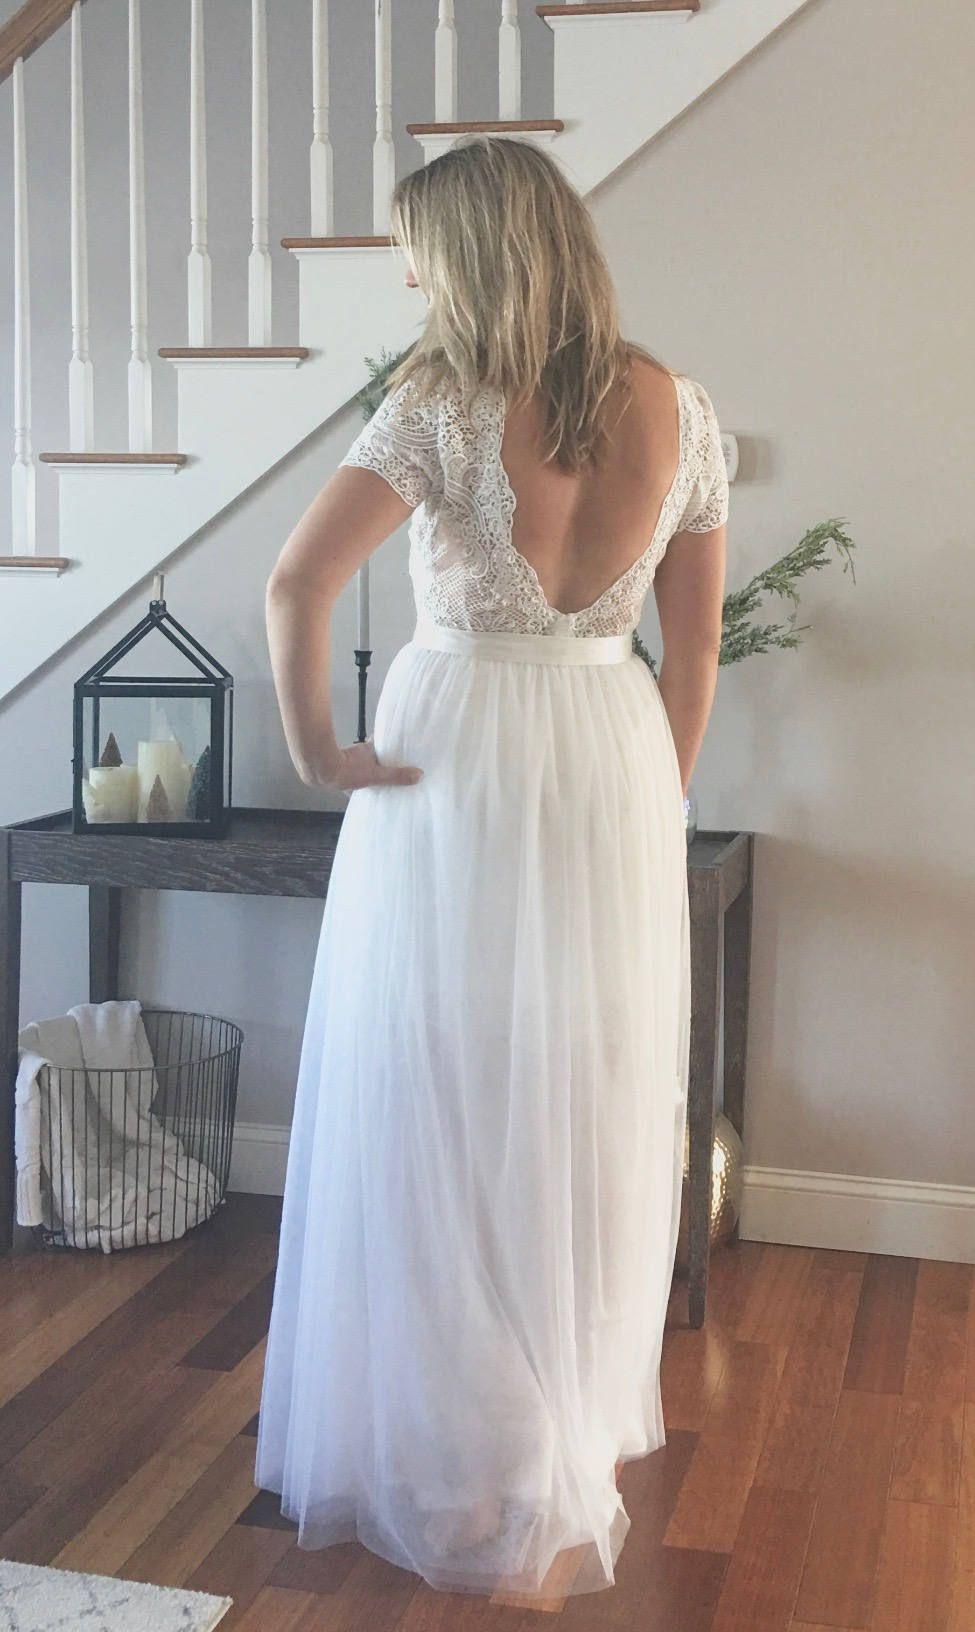 Detachable Wedding Skirt Separates Soft Skirt Over